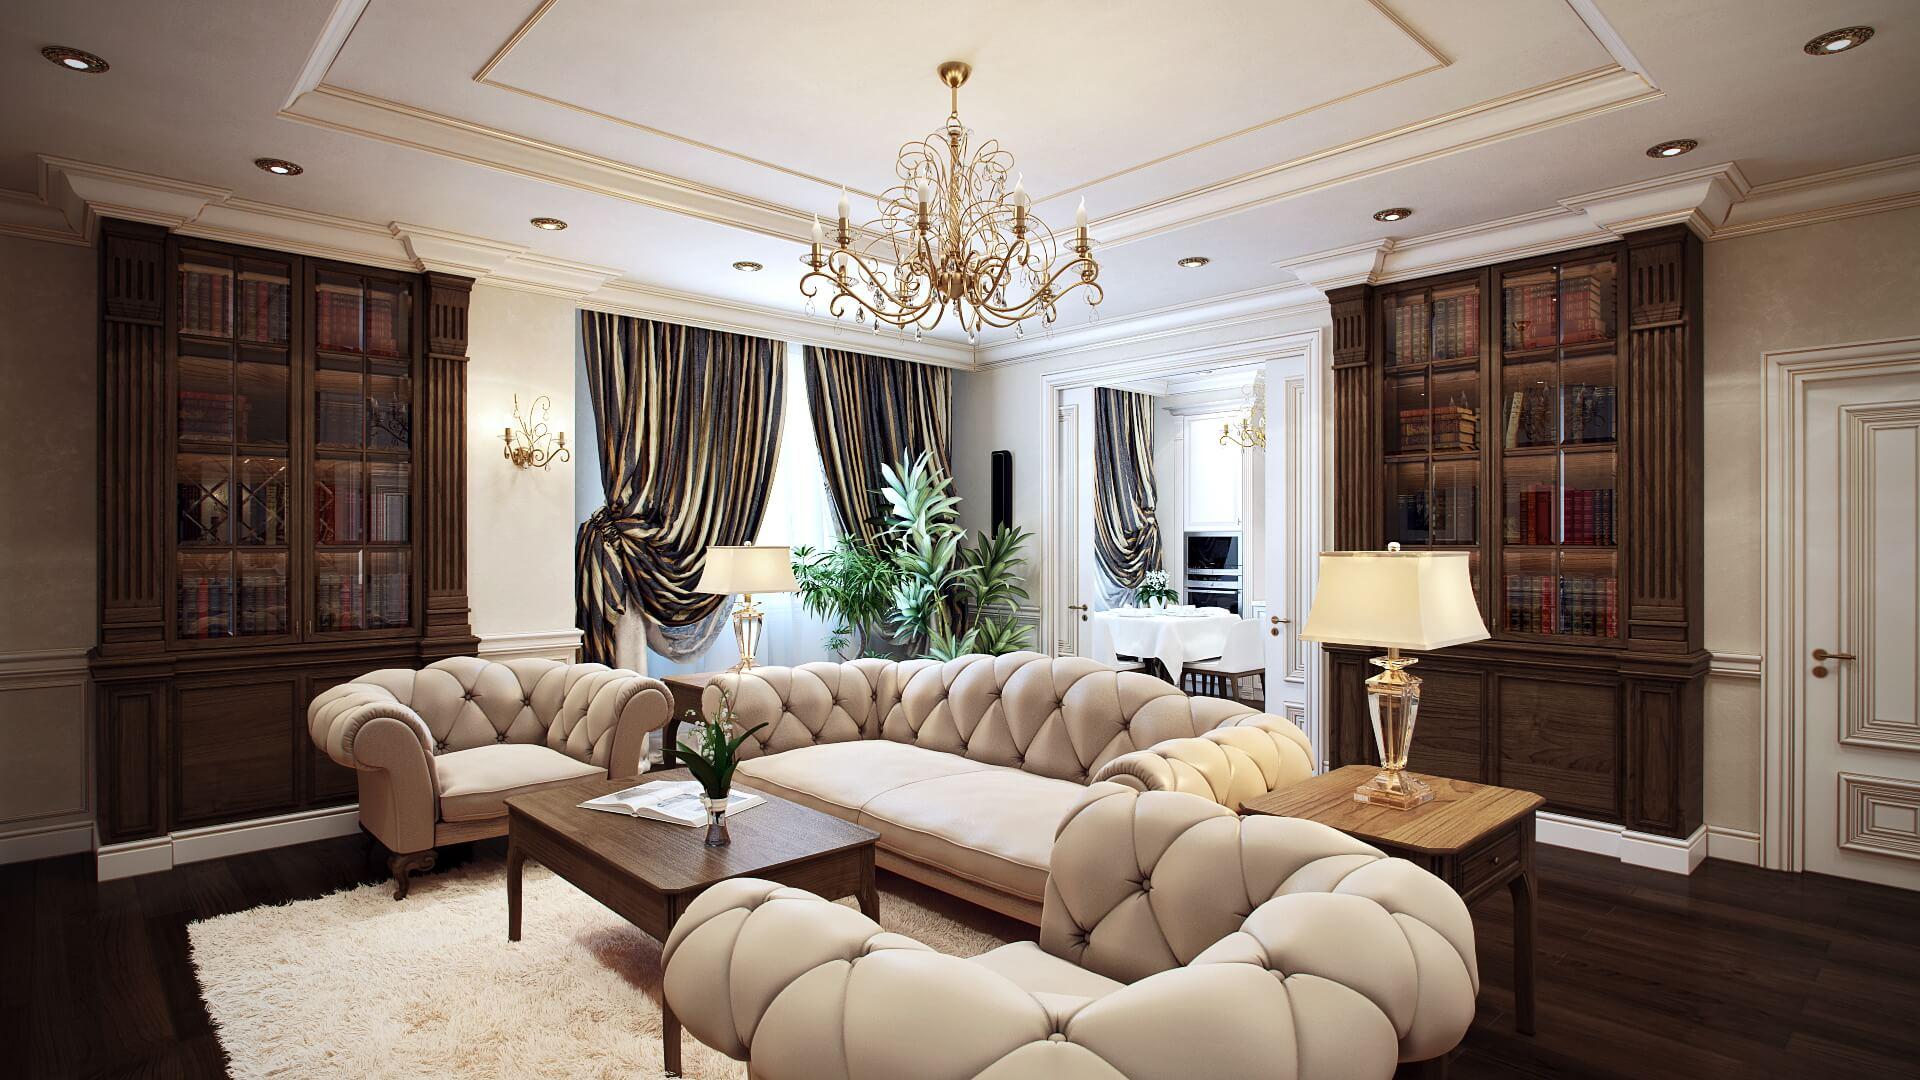 Роскошный интерьер квартиры в классическом стиле: дизайн гостиной View04